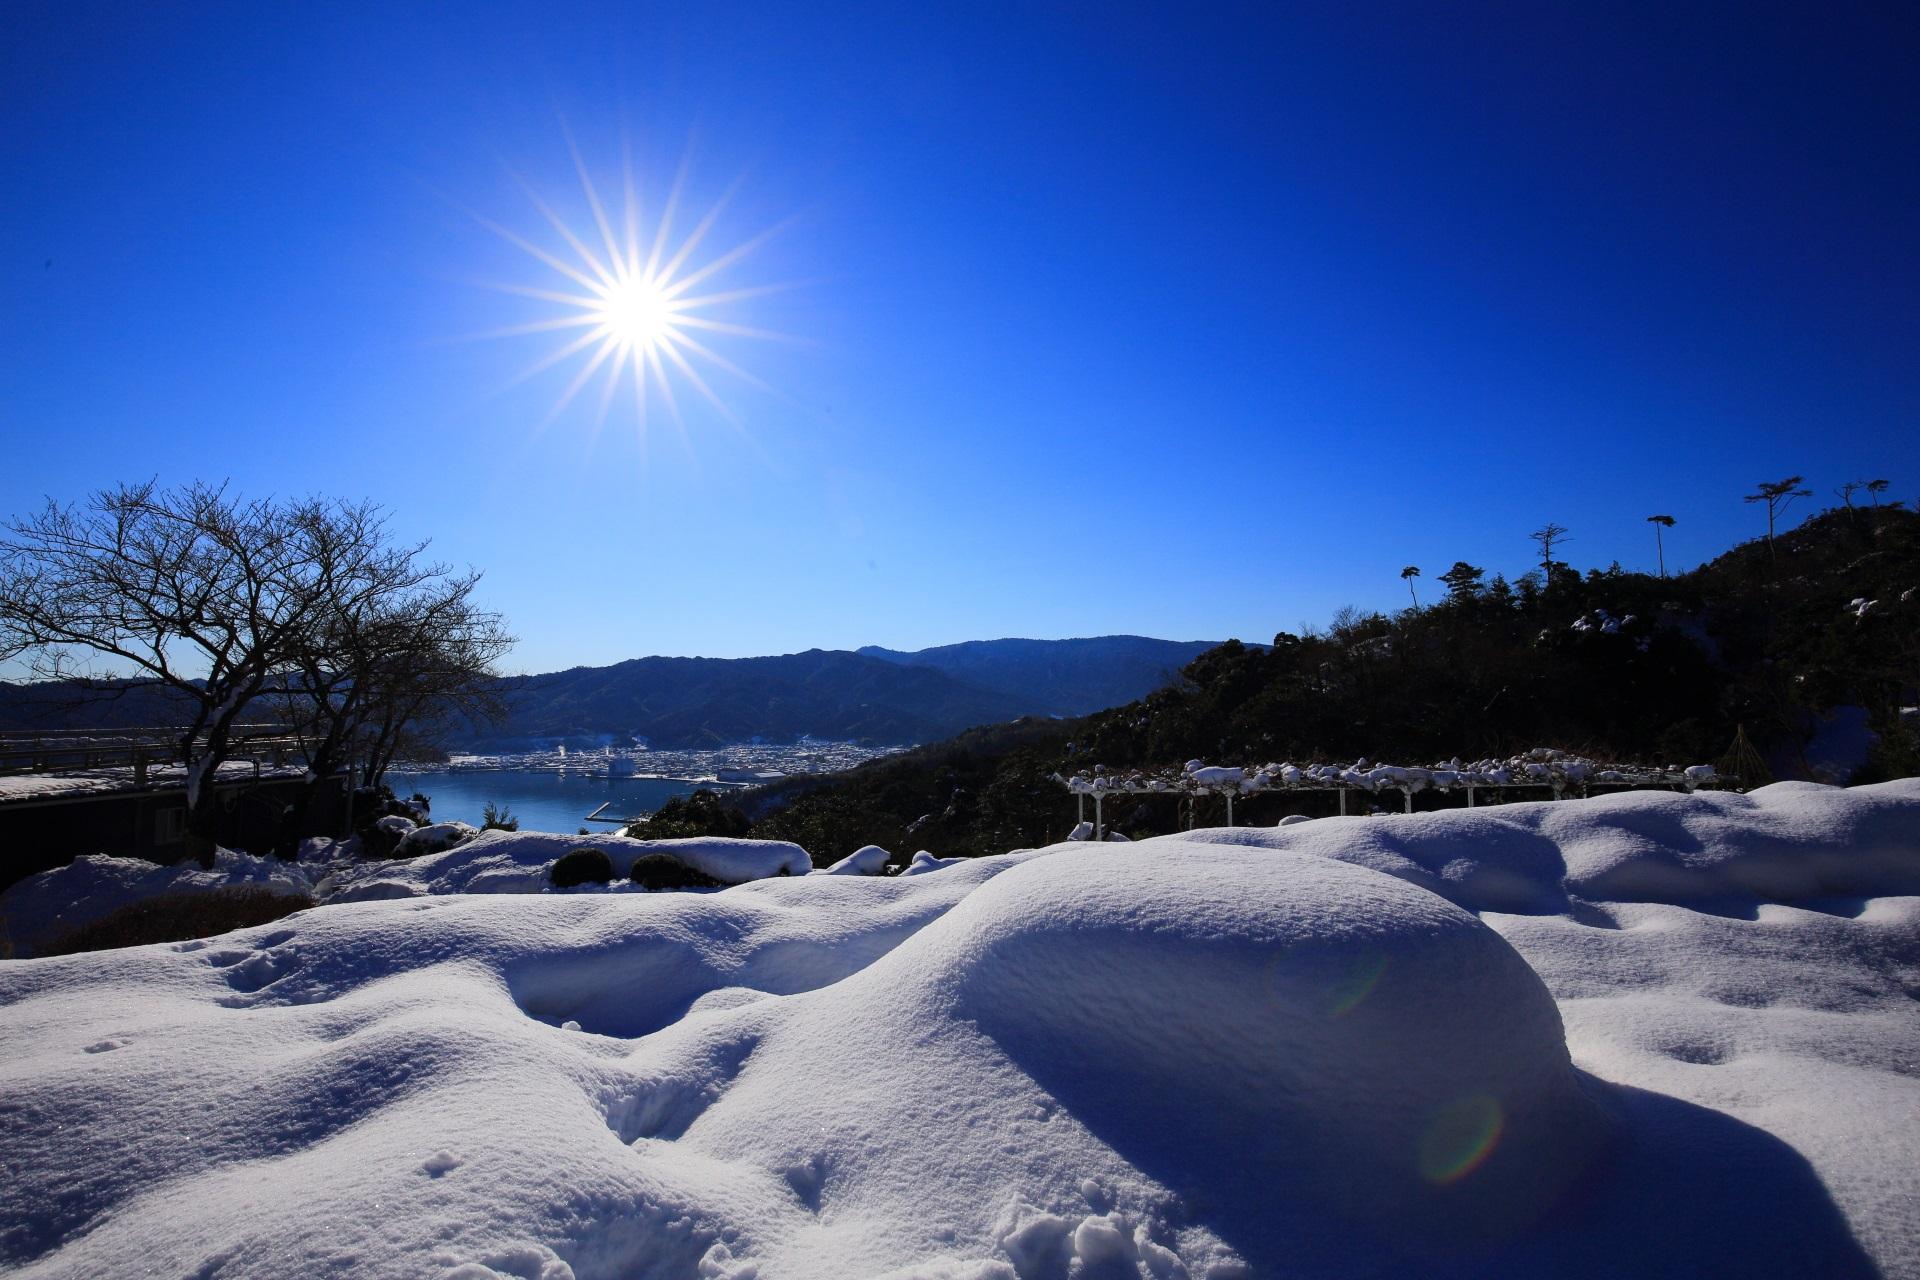 雪がてんこ盛りの天橋立ビューランド